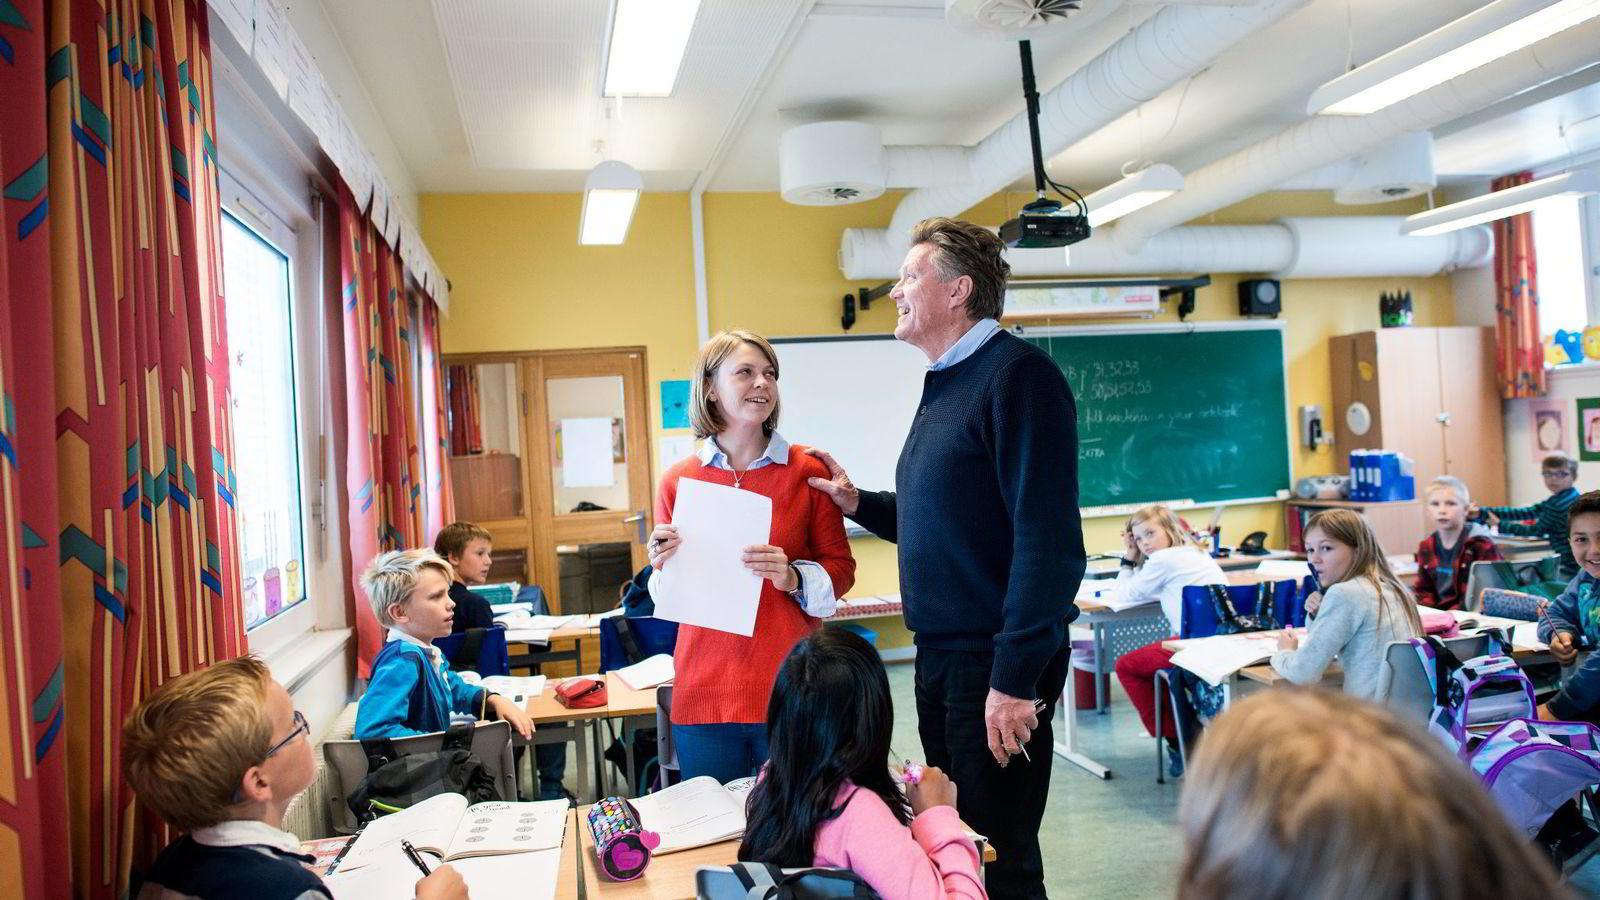 PRINSESSESKOLE. Byrådet i Oslo går inn for å opprette en offentlig IB-linje på grunnskolenivå, som et alternativ til Oslo International School. Her lærer Anne-Marte Ravnestad, rektor på Manglerud skole Tom Moen og klasse 5A.